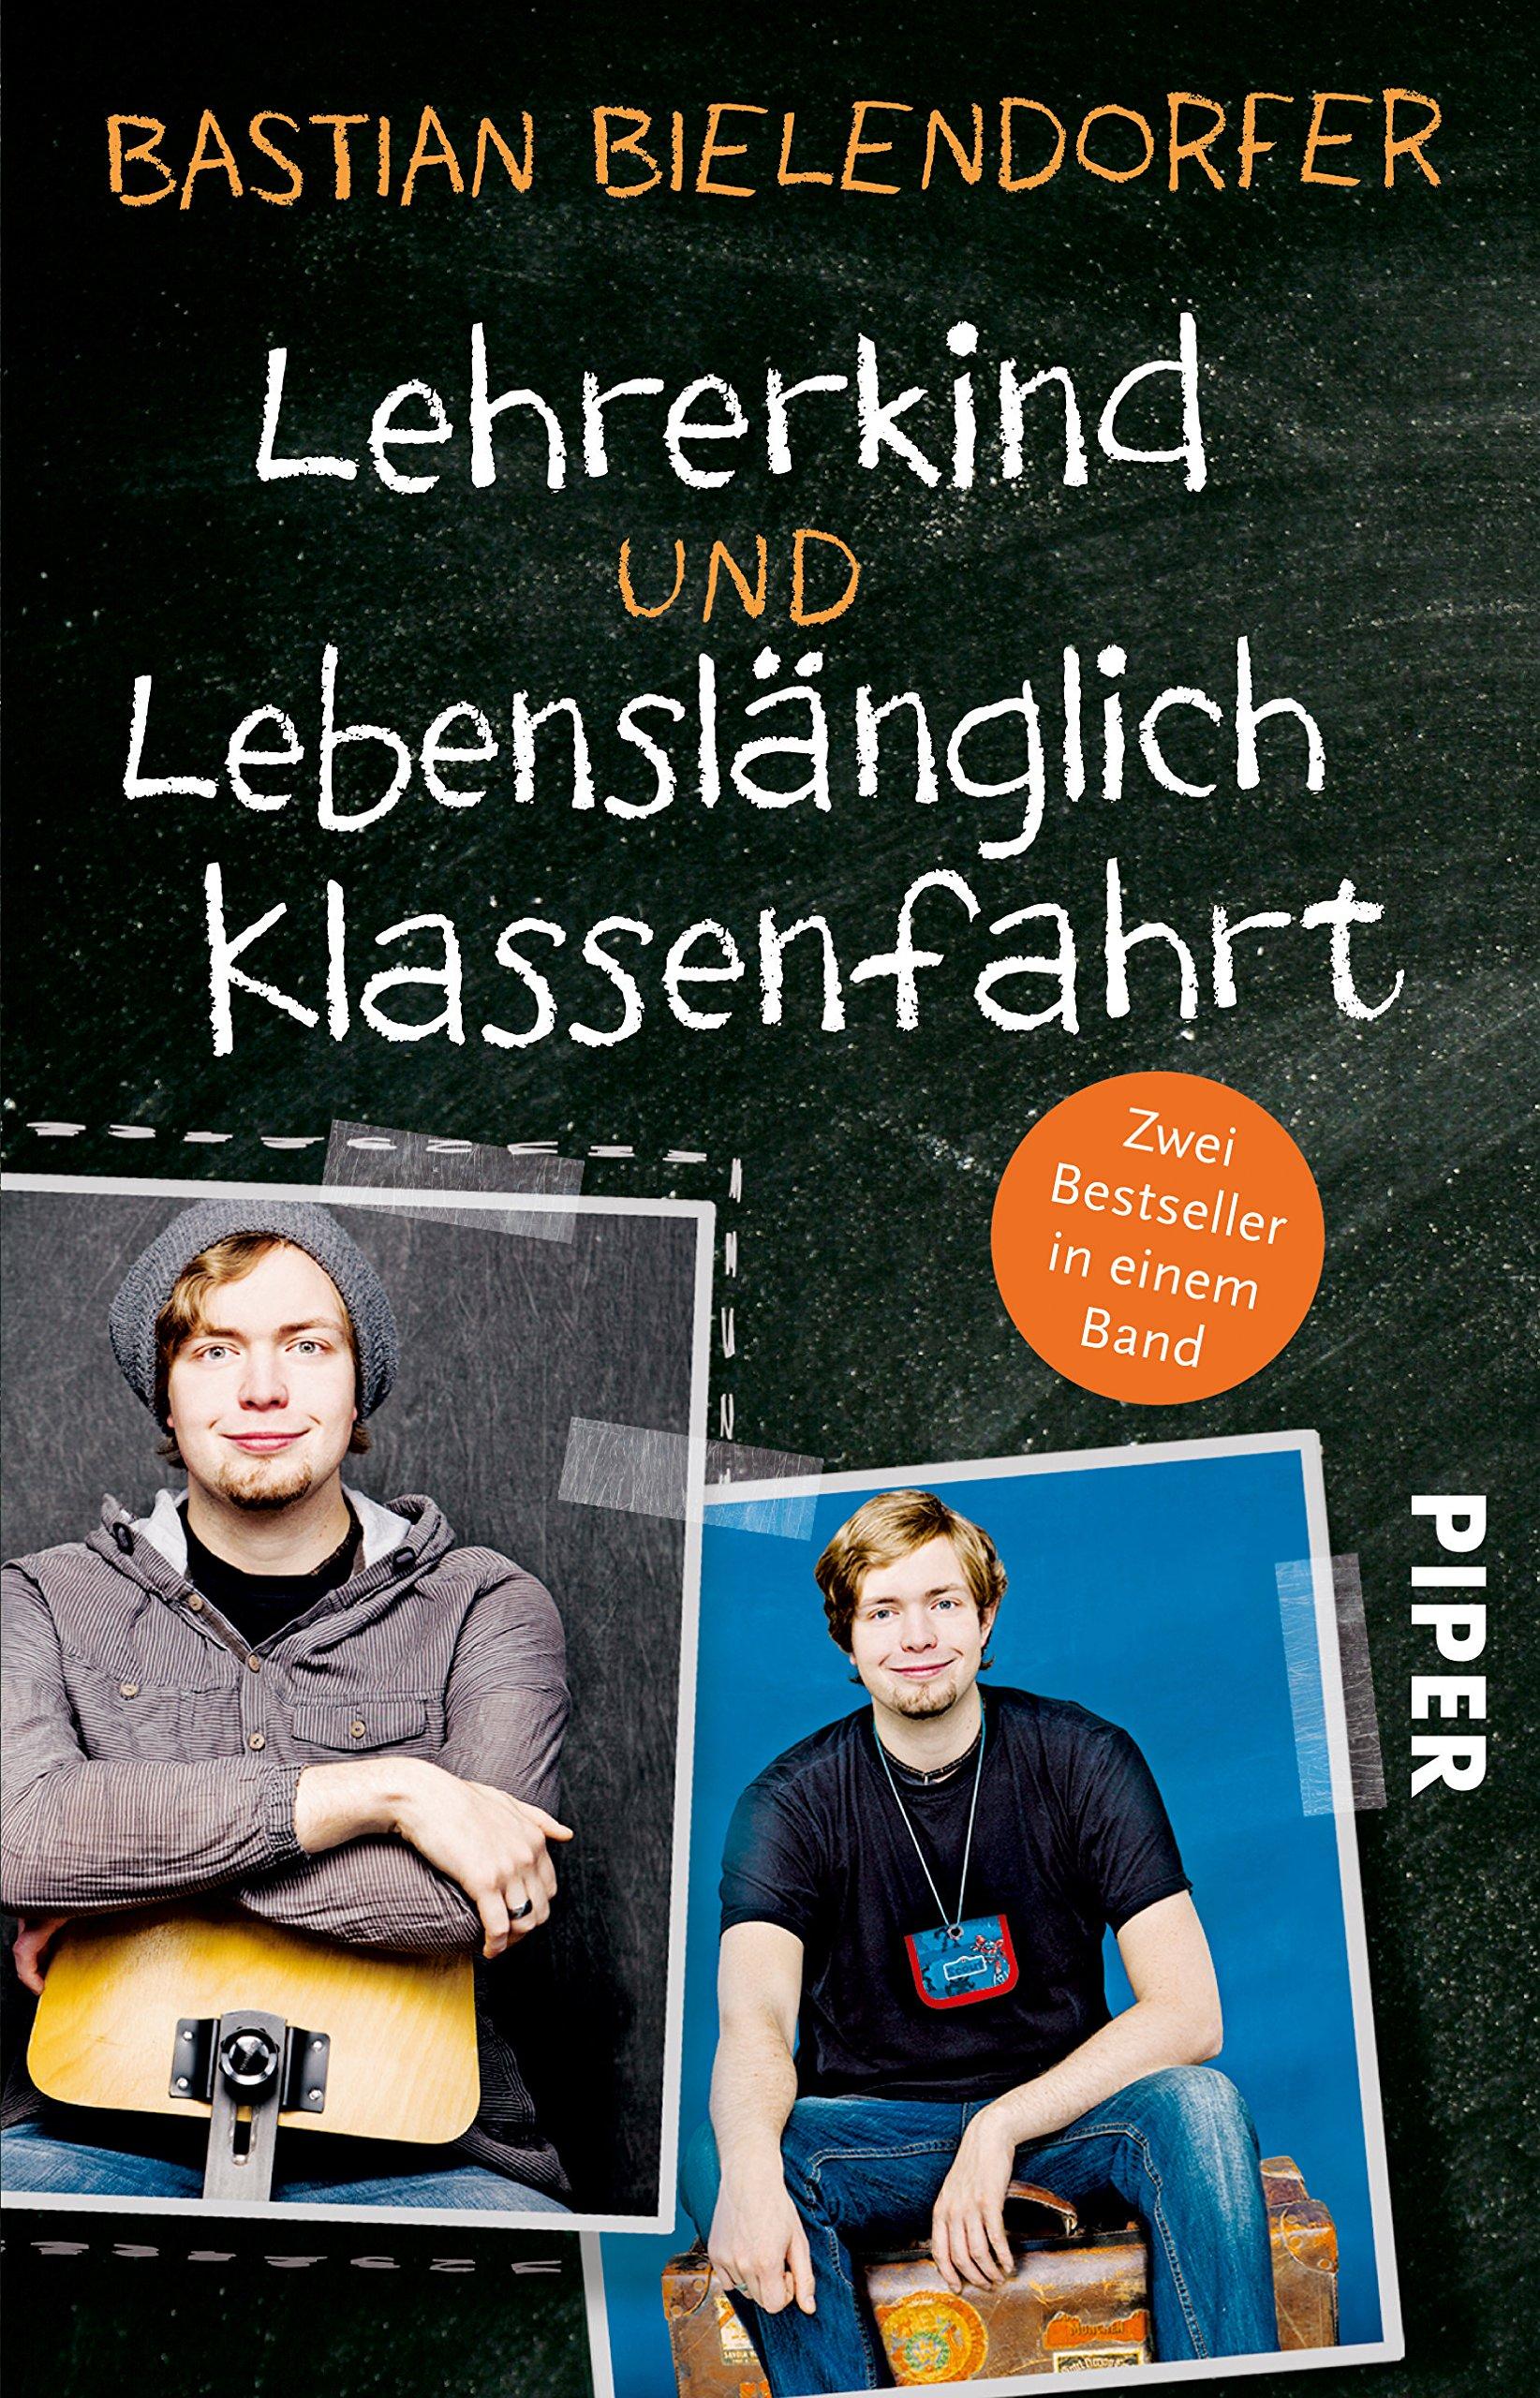 Lehrerkind/Lebenslänglich Klassenfahrt: Zwei Bestseller in einem Band